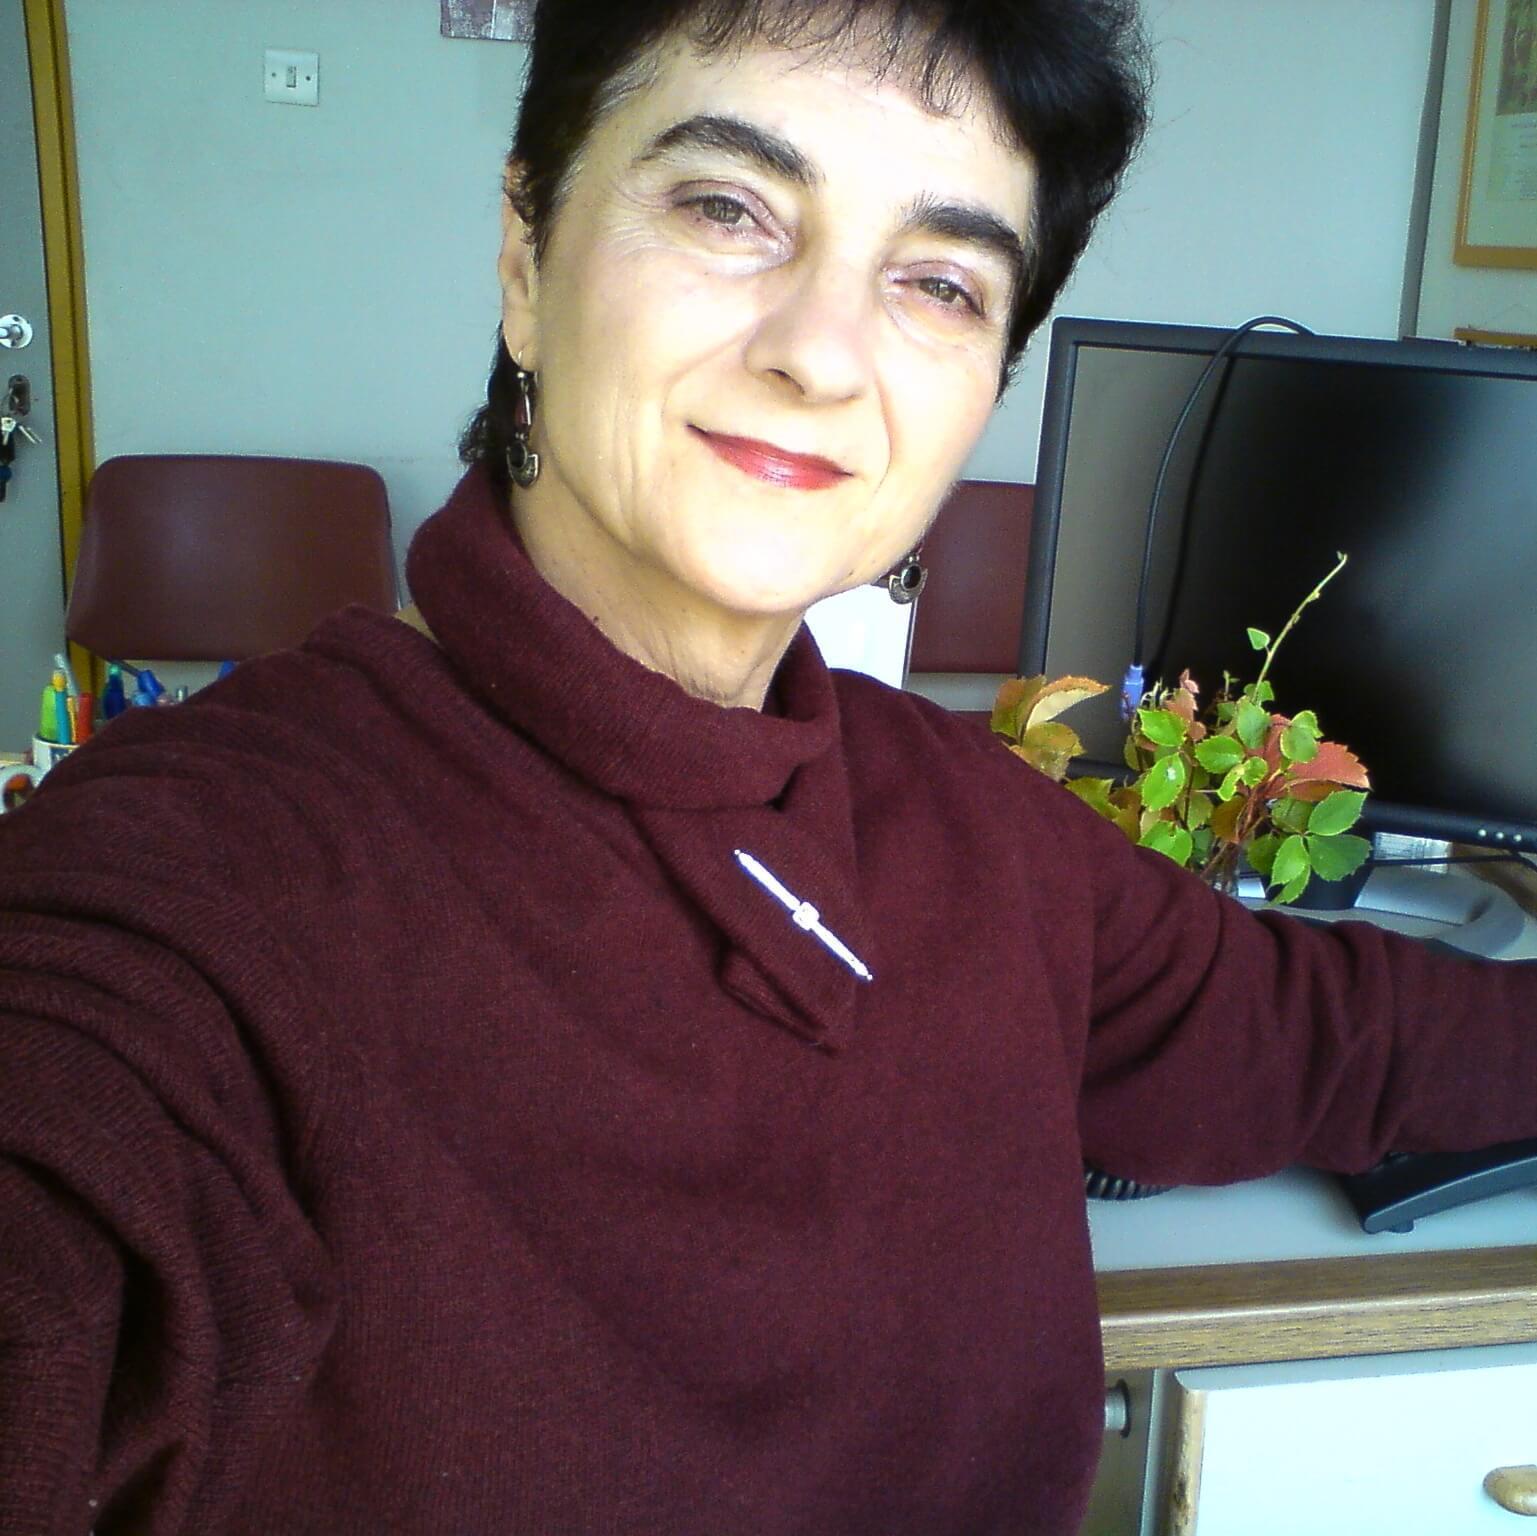 Μαρία Σιδηροπούλου | Καθηγήτρια | Τμήμα Αγγλικής Γλώσσας και Φιλολογίας ΕΚΠΑ